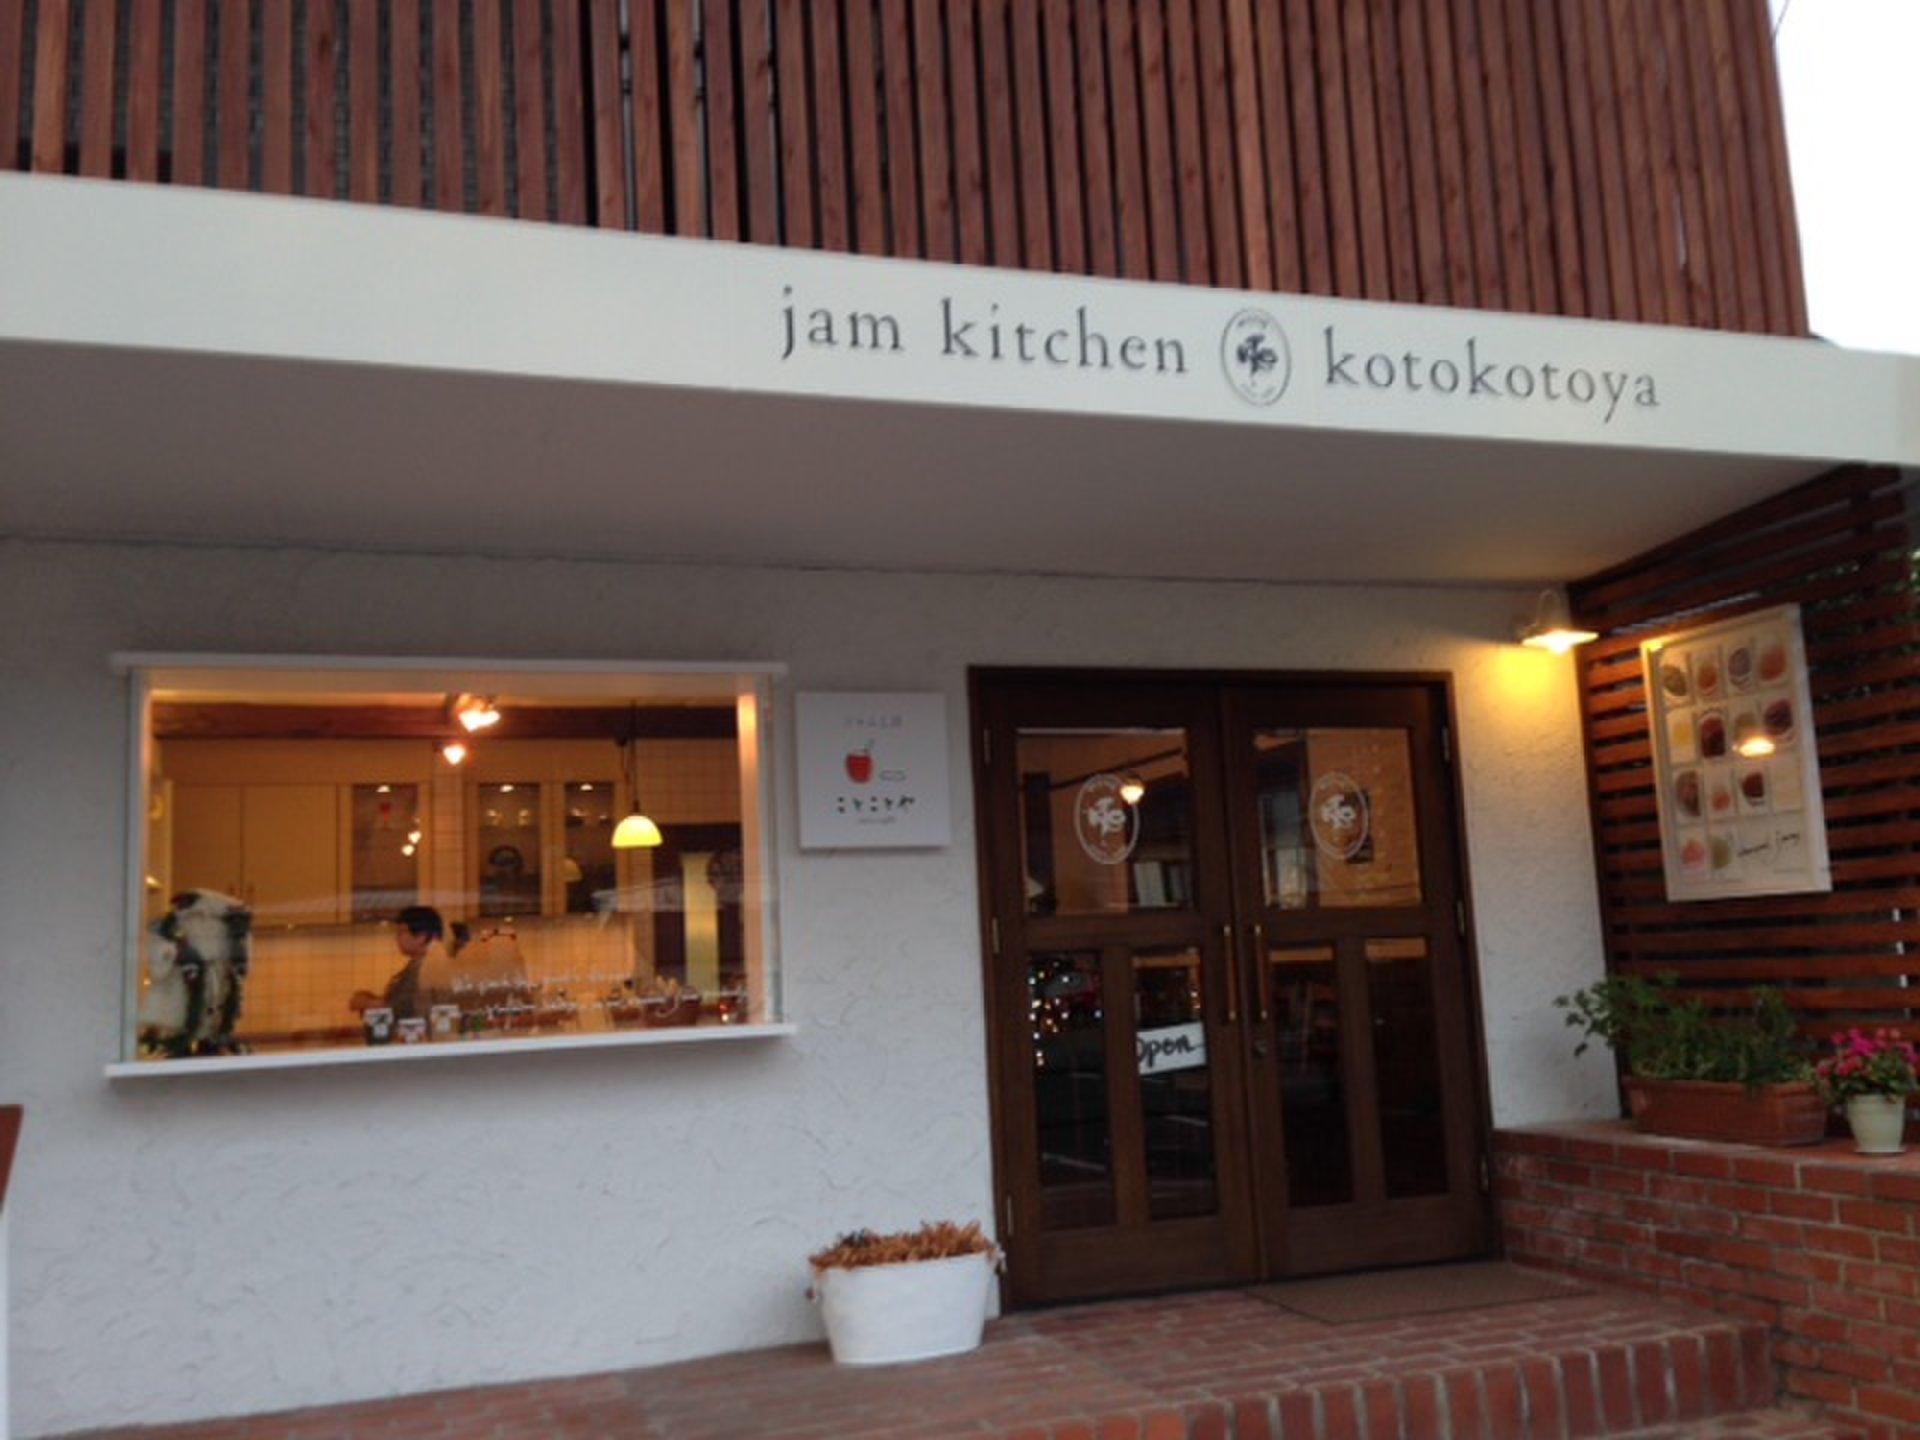 Jam Kitchen Kotokotoya ジャム専門店